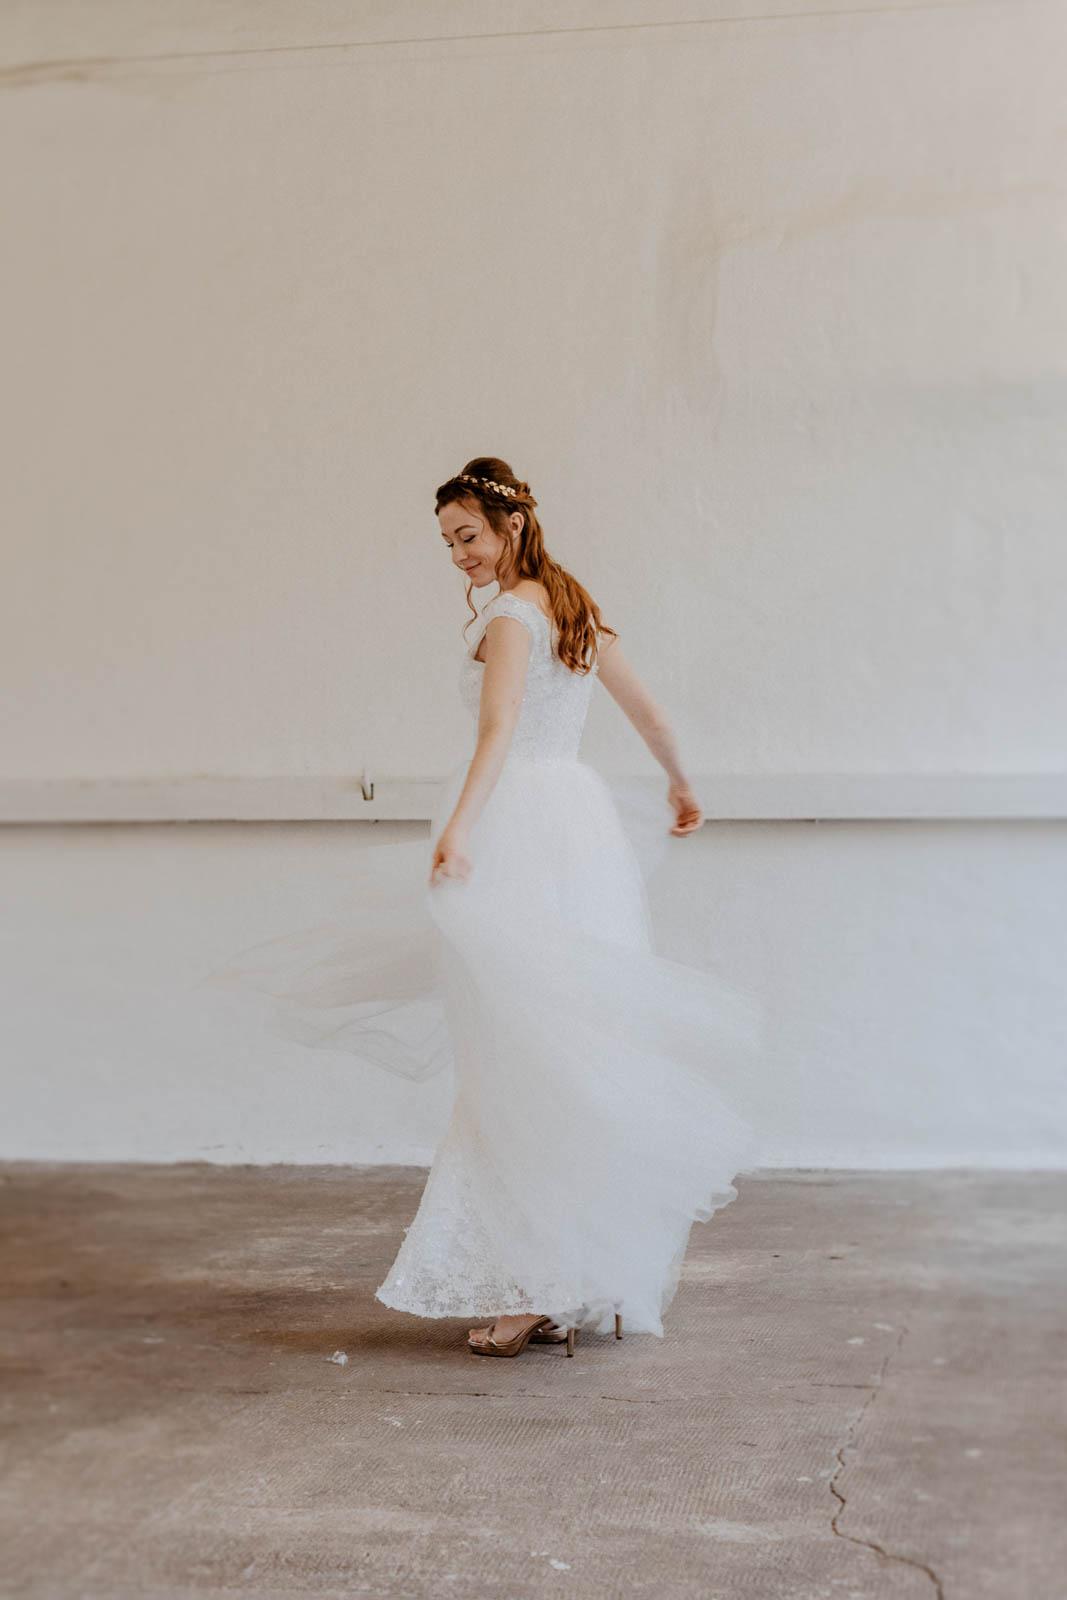 Brautkleid mit Spitzentop – gesehen bei frauimmer-herrewig.de